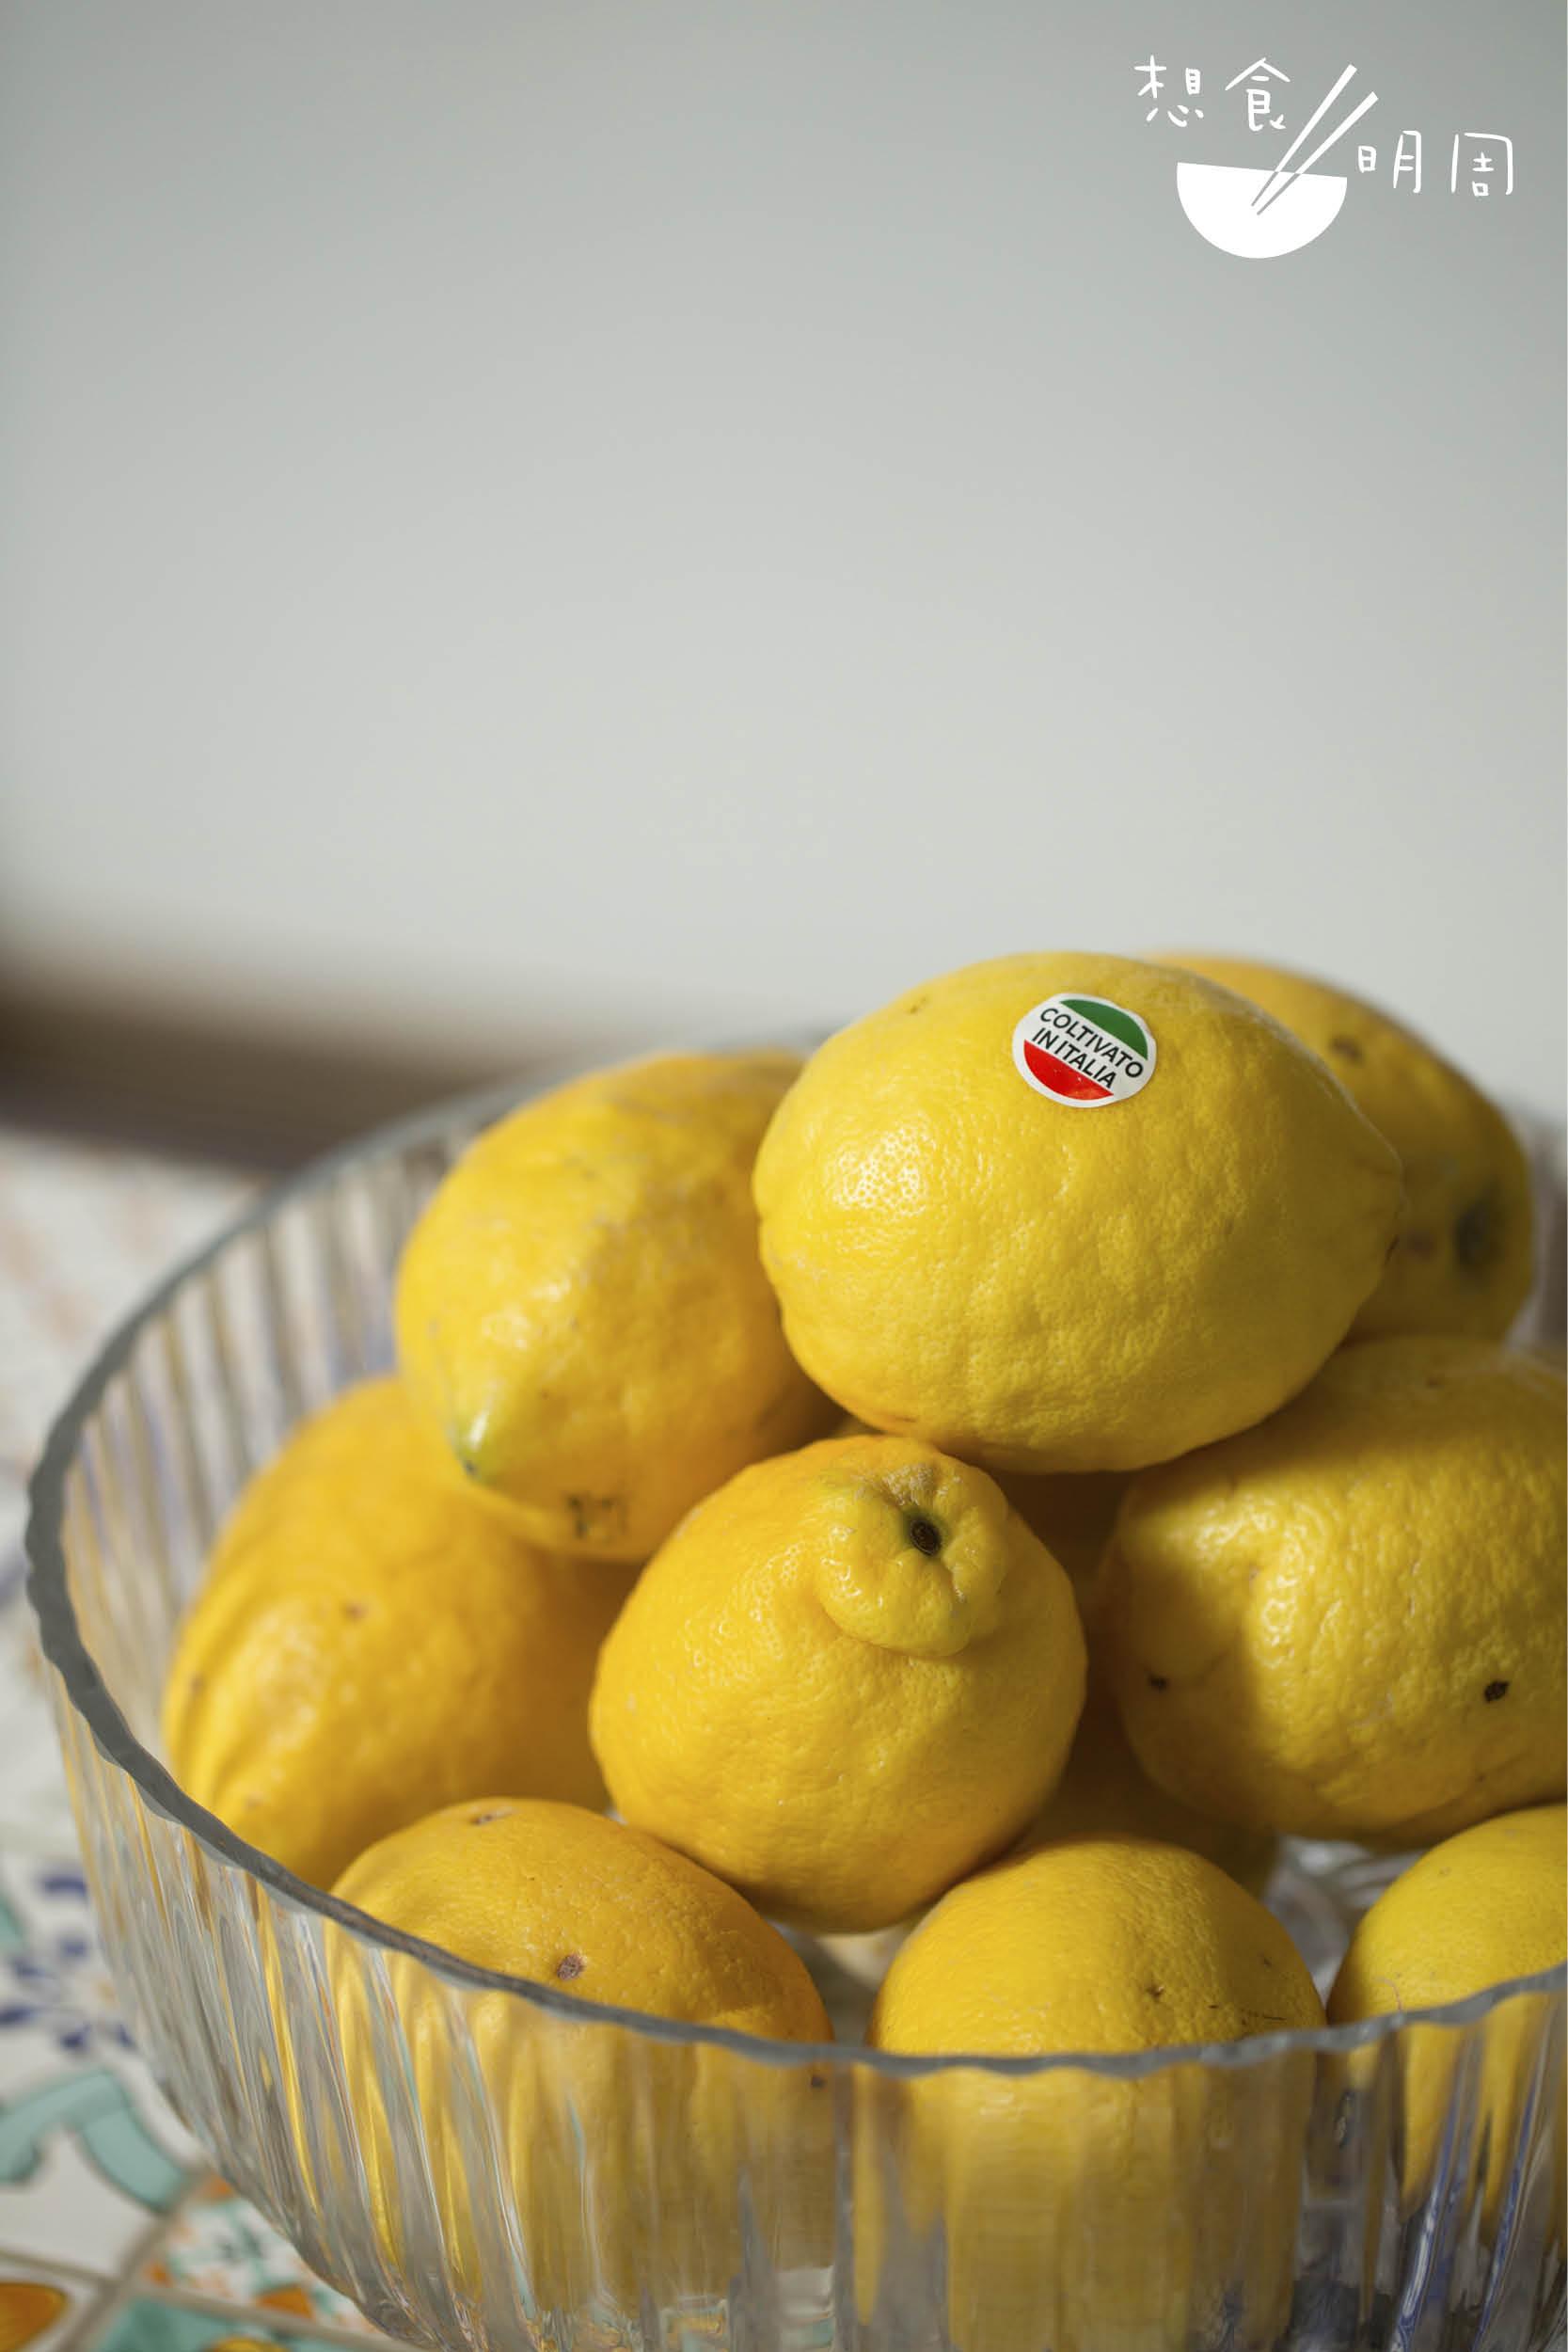 餐廳每星期從意大利南部入口十五至二十公斤檸檬,阿瑪菲(Amalfi) 或蘇連多(Sorrento,如圖)皆有, 兩者特性相近,都可以連皮食用。 行政總廚Sergio Landi指出,Sorrento 及Amalfi都屬於意大利南部海岸,而後者所產出的檸檬更為豐碩,惟天然產物總有不穩定性,餐廳惟有按市場上的供應入口。